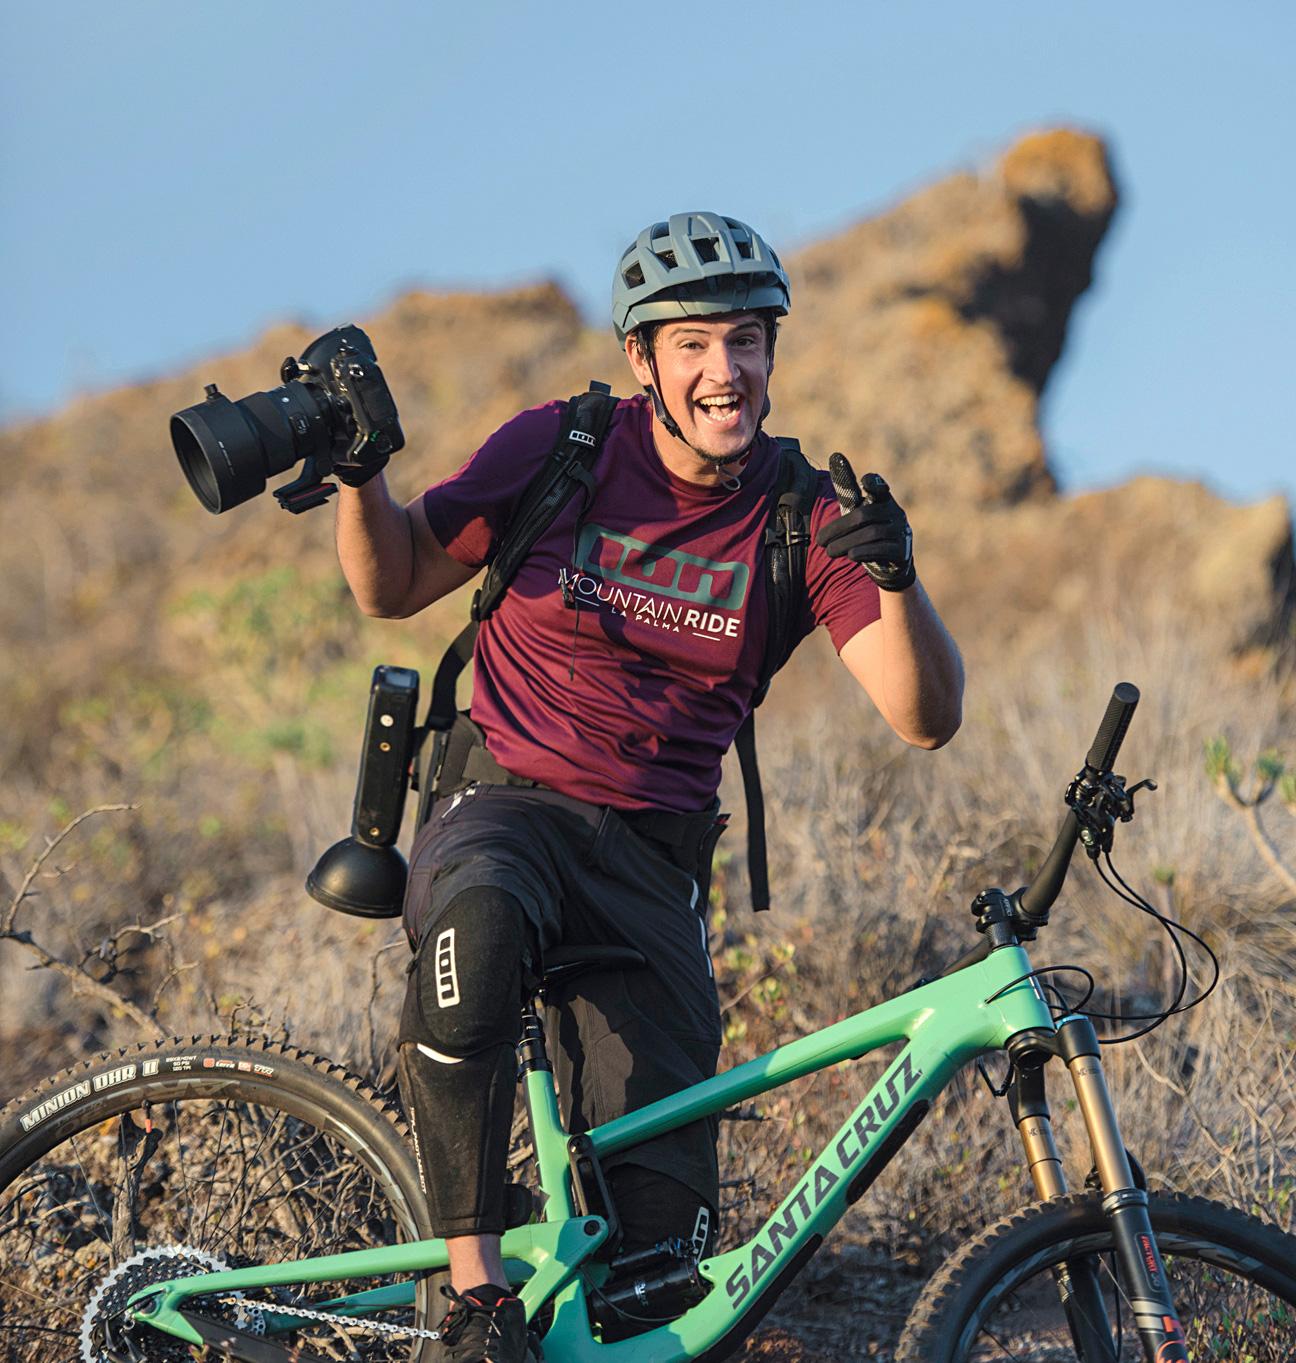 Touren-Fotograf Mountainride Dan